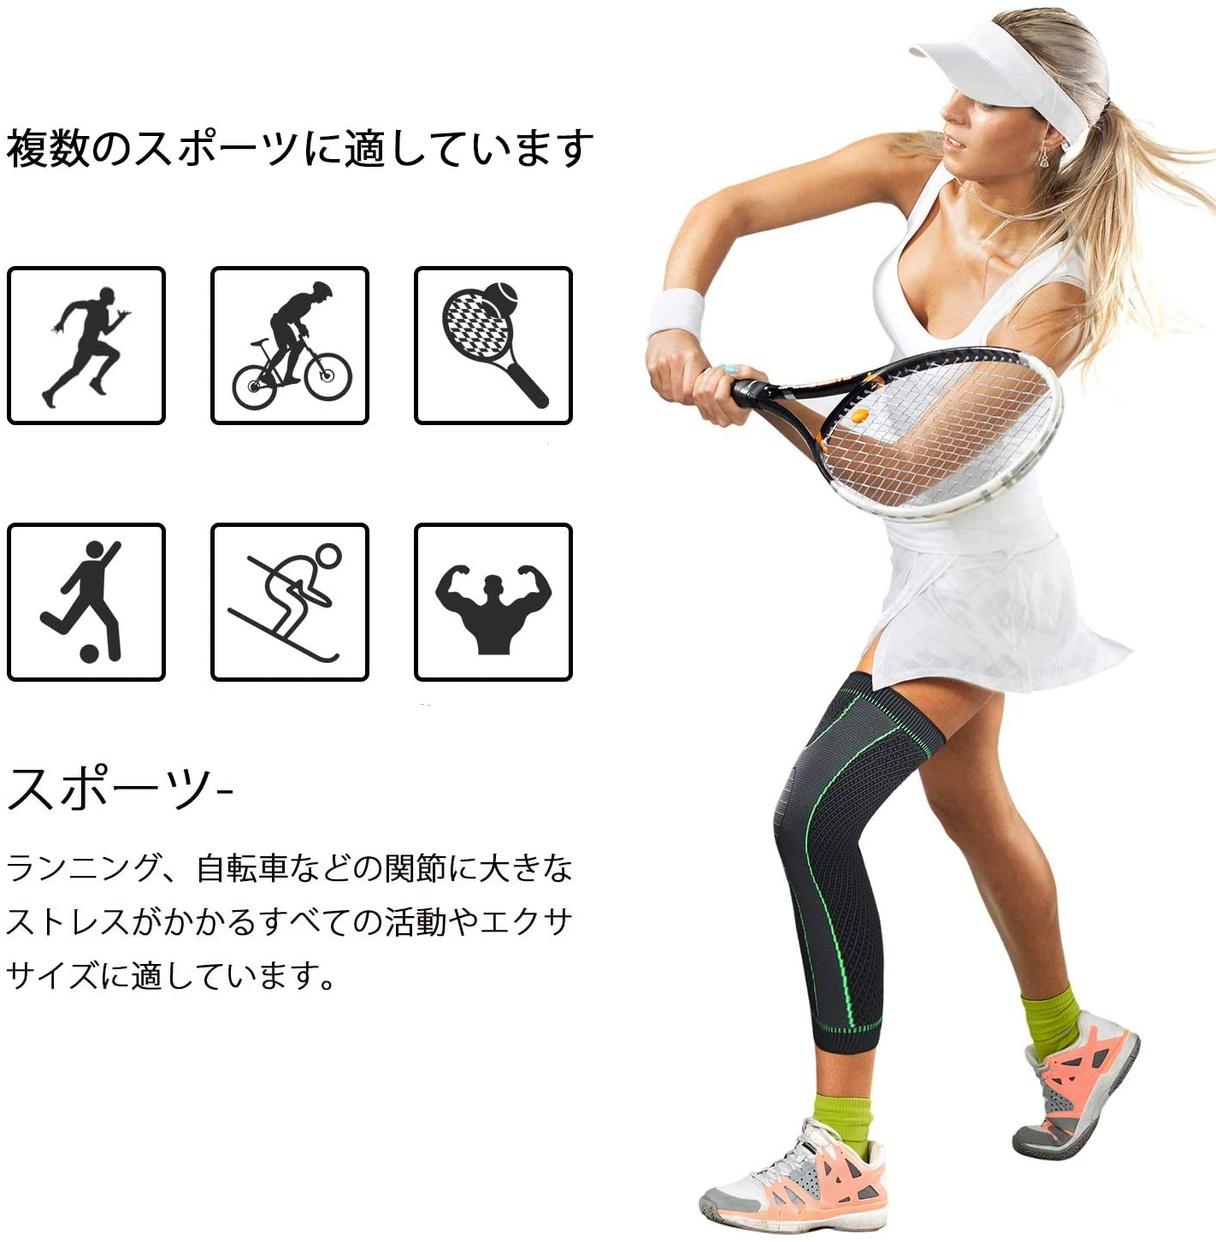 SKDK(エスケーディーケー) 膝サポーター ロングコンプレッションレッグスリーブの商品画像6